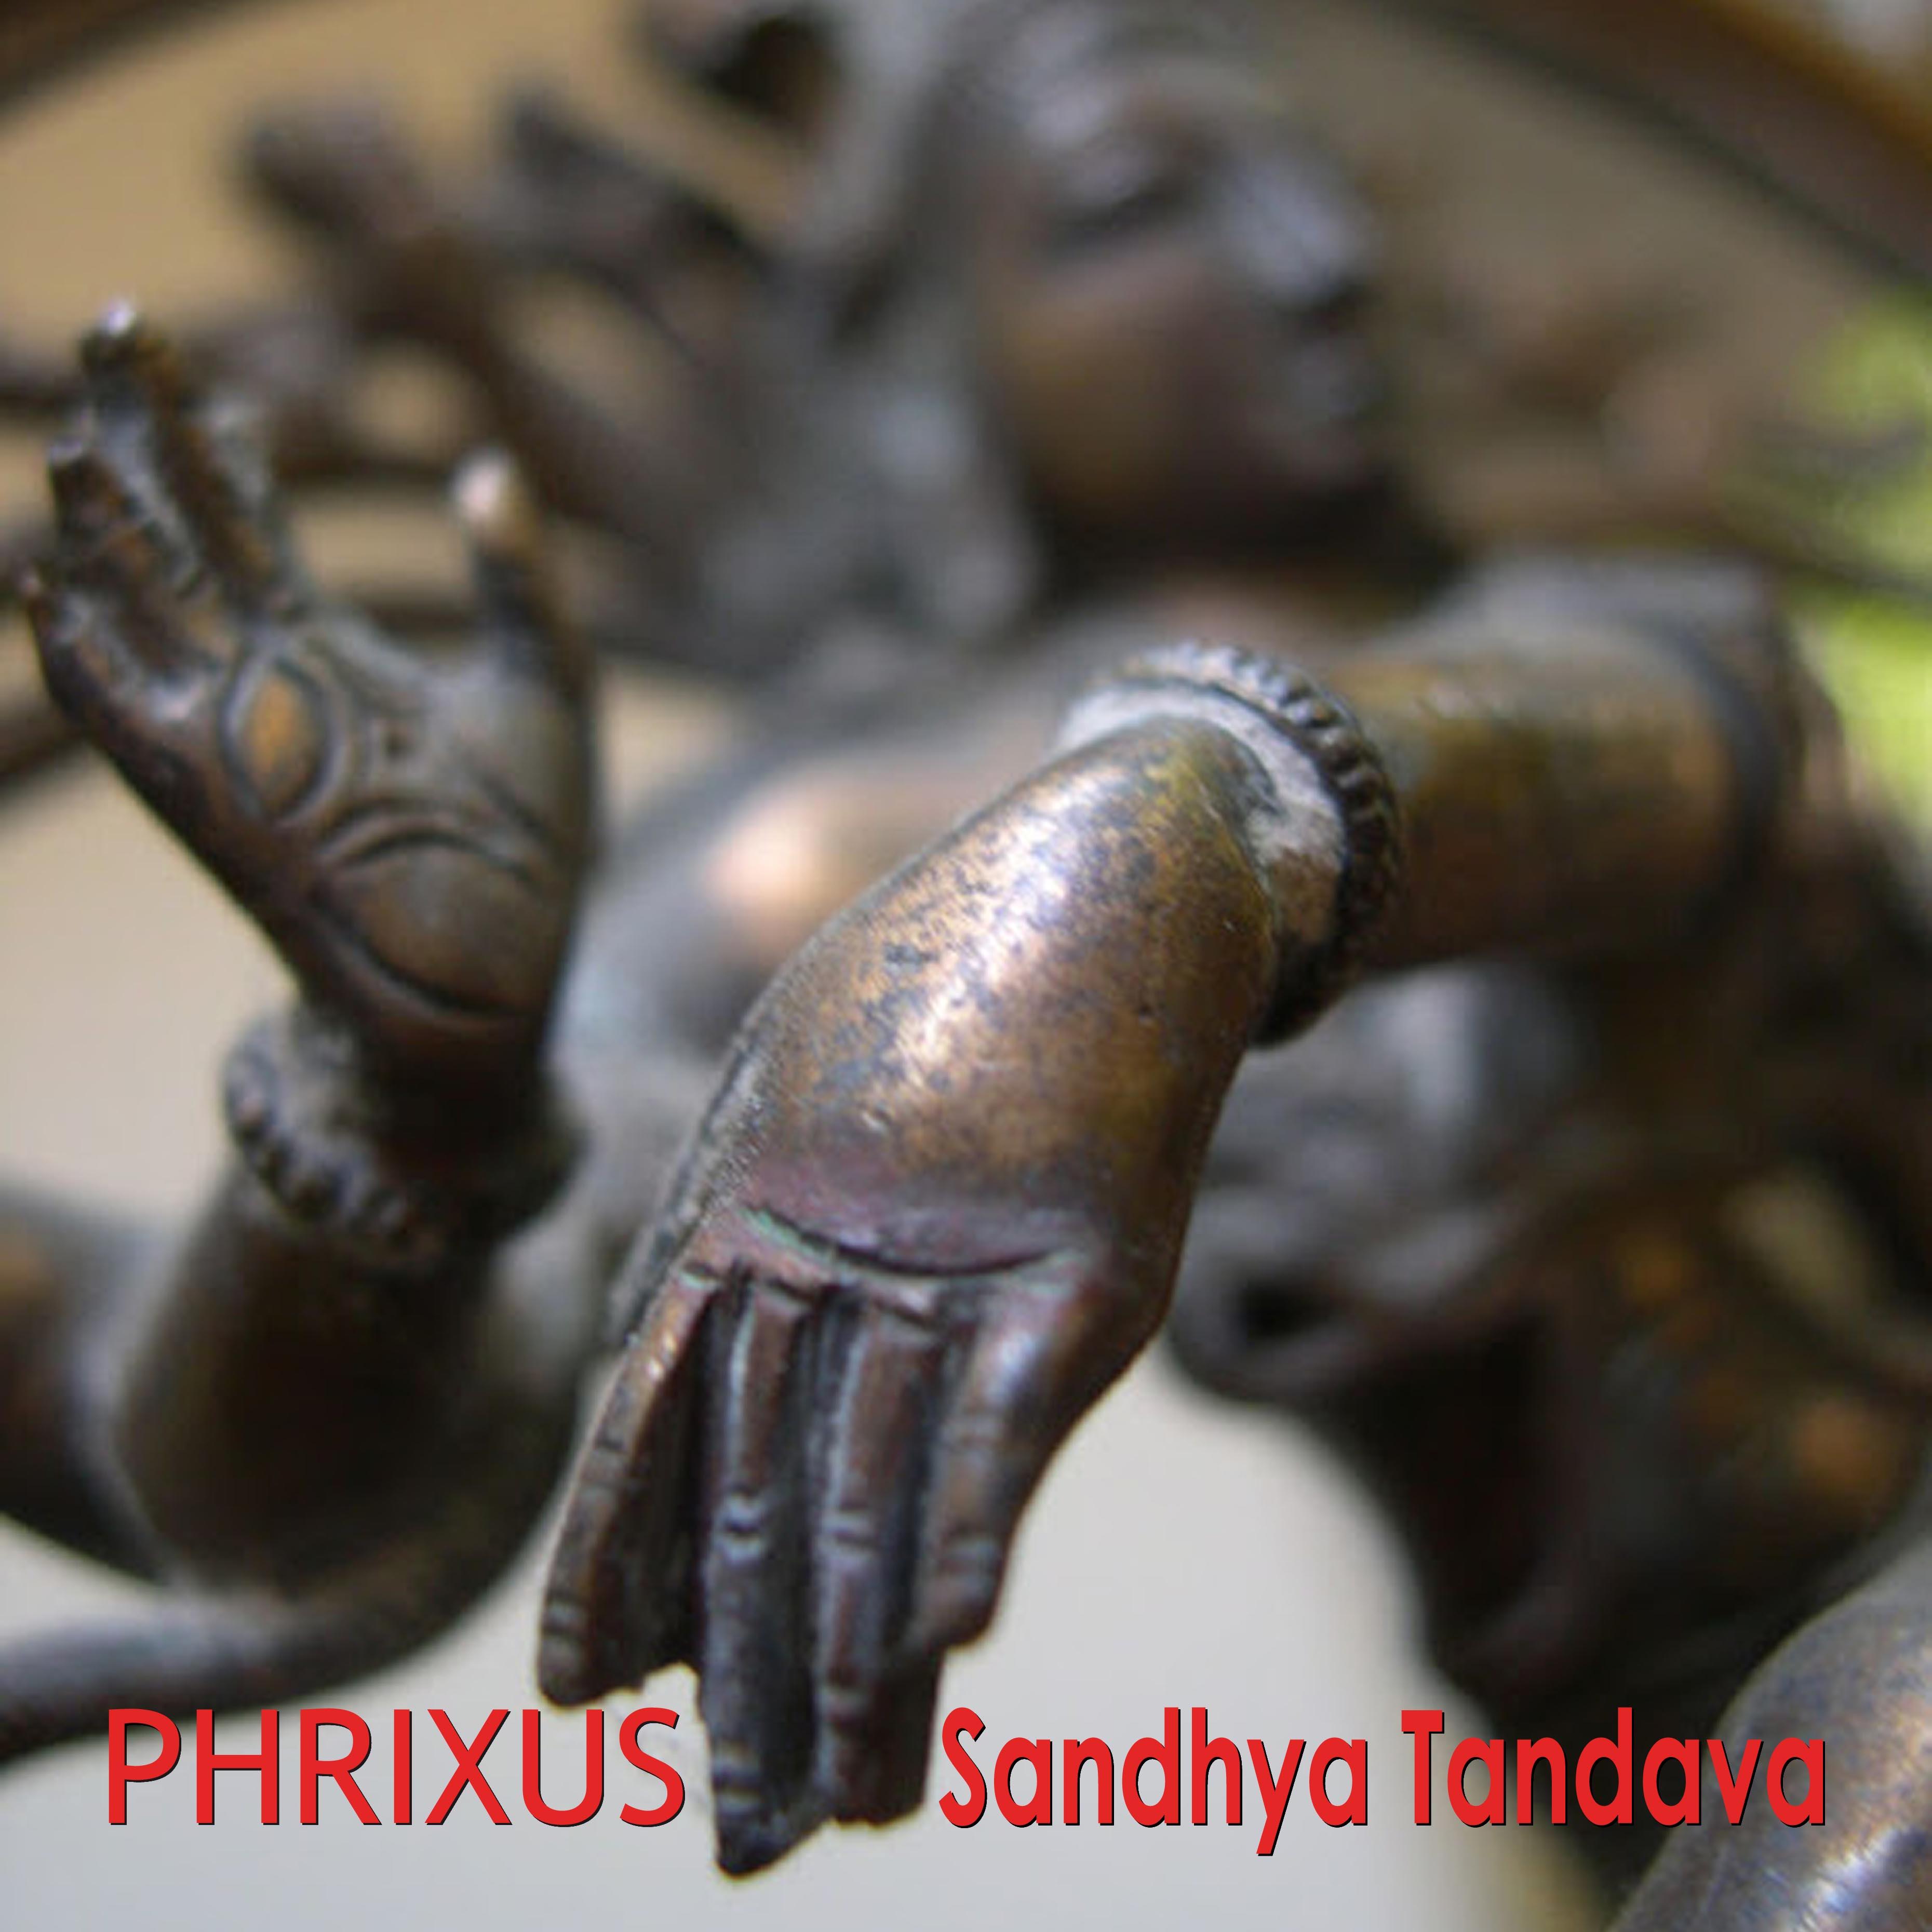 cover van de cd Sandhya Tandava van de band Phrixus!